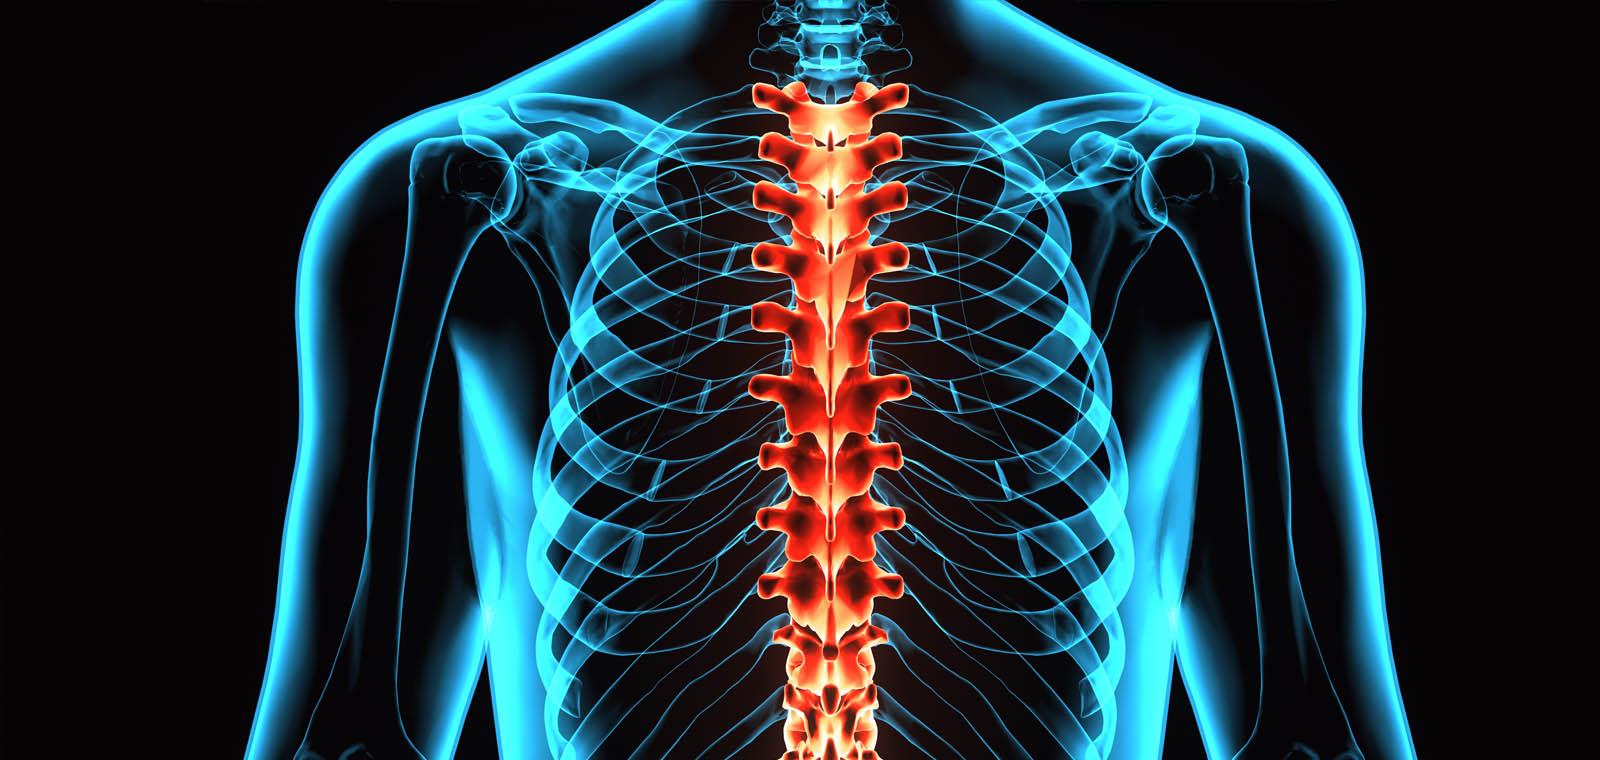 Moreno Spine & Scoliosis